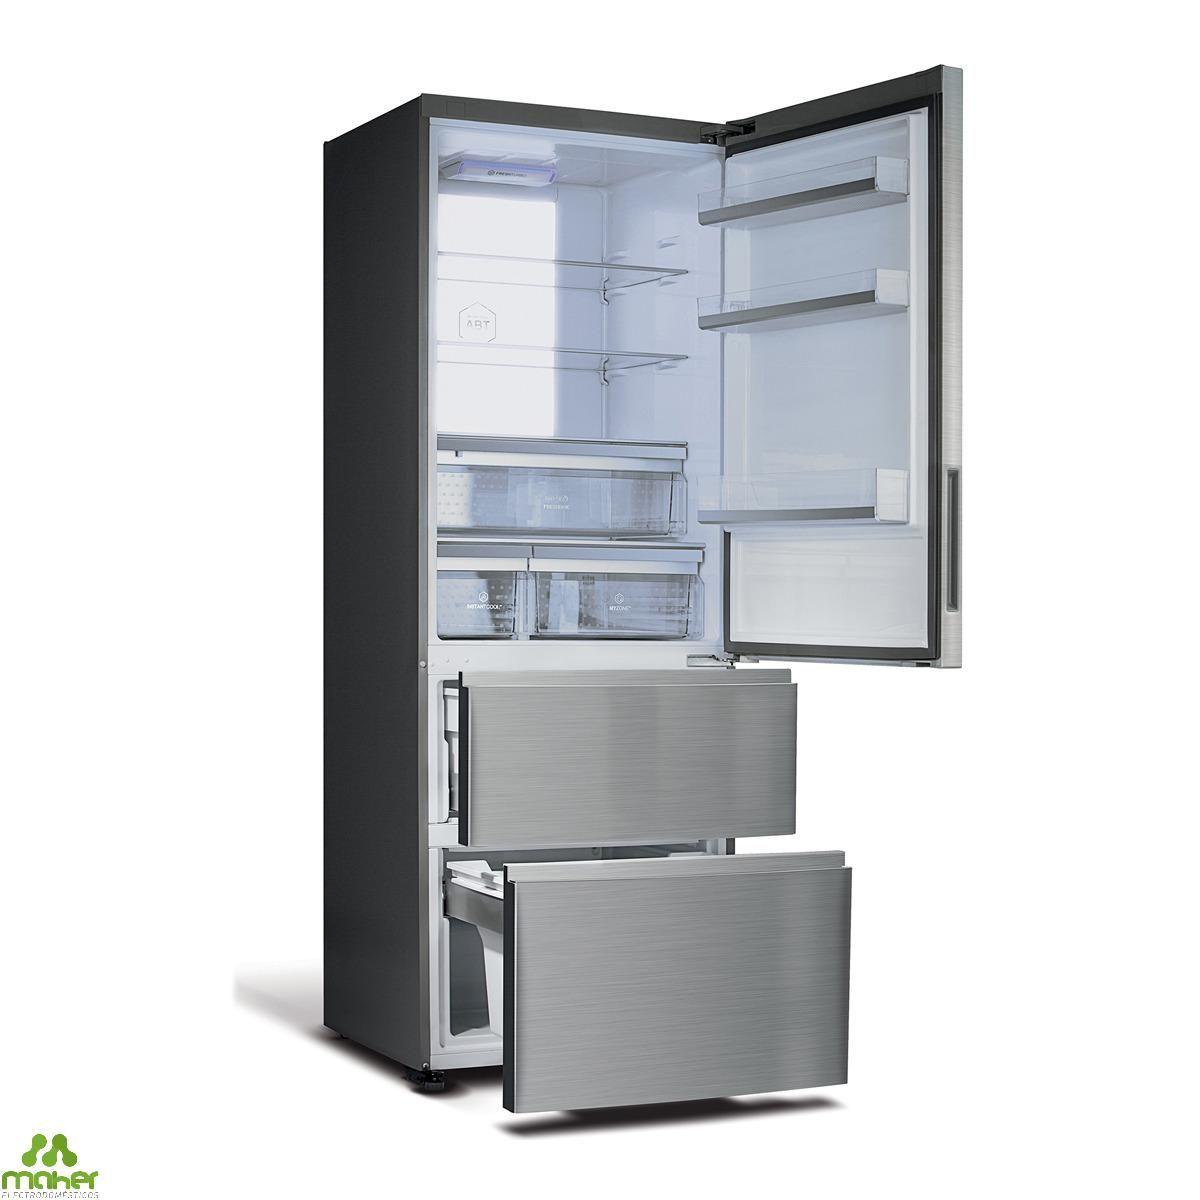 Top 5 Frigorificos Combi Comentarios Ofertas Guía De Compra Frigoríficos Iluminacion Interiores Led Estante De Cristal